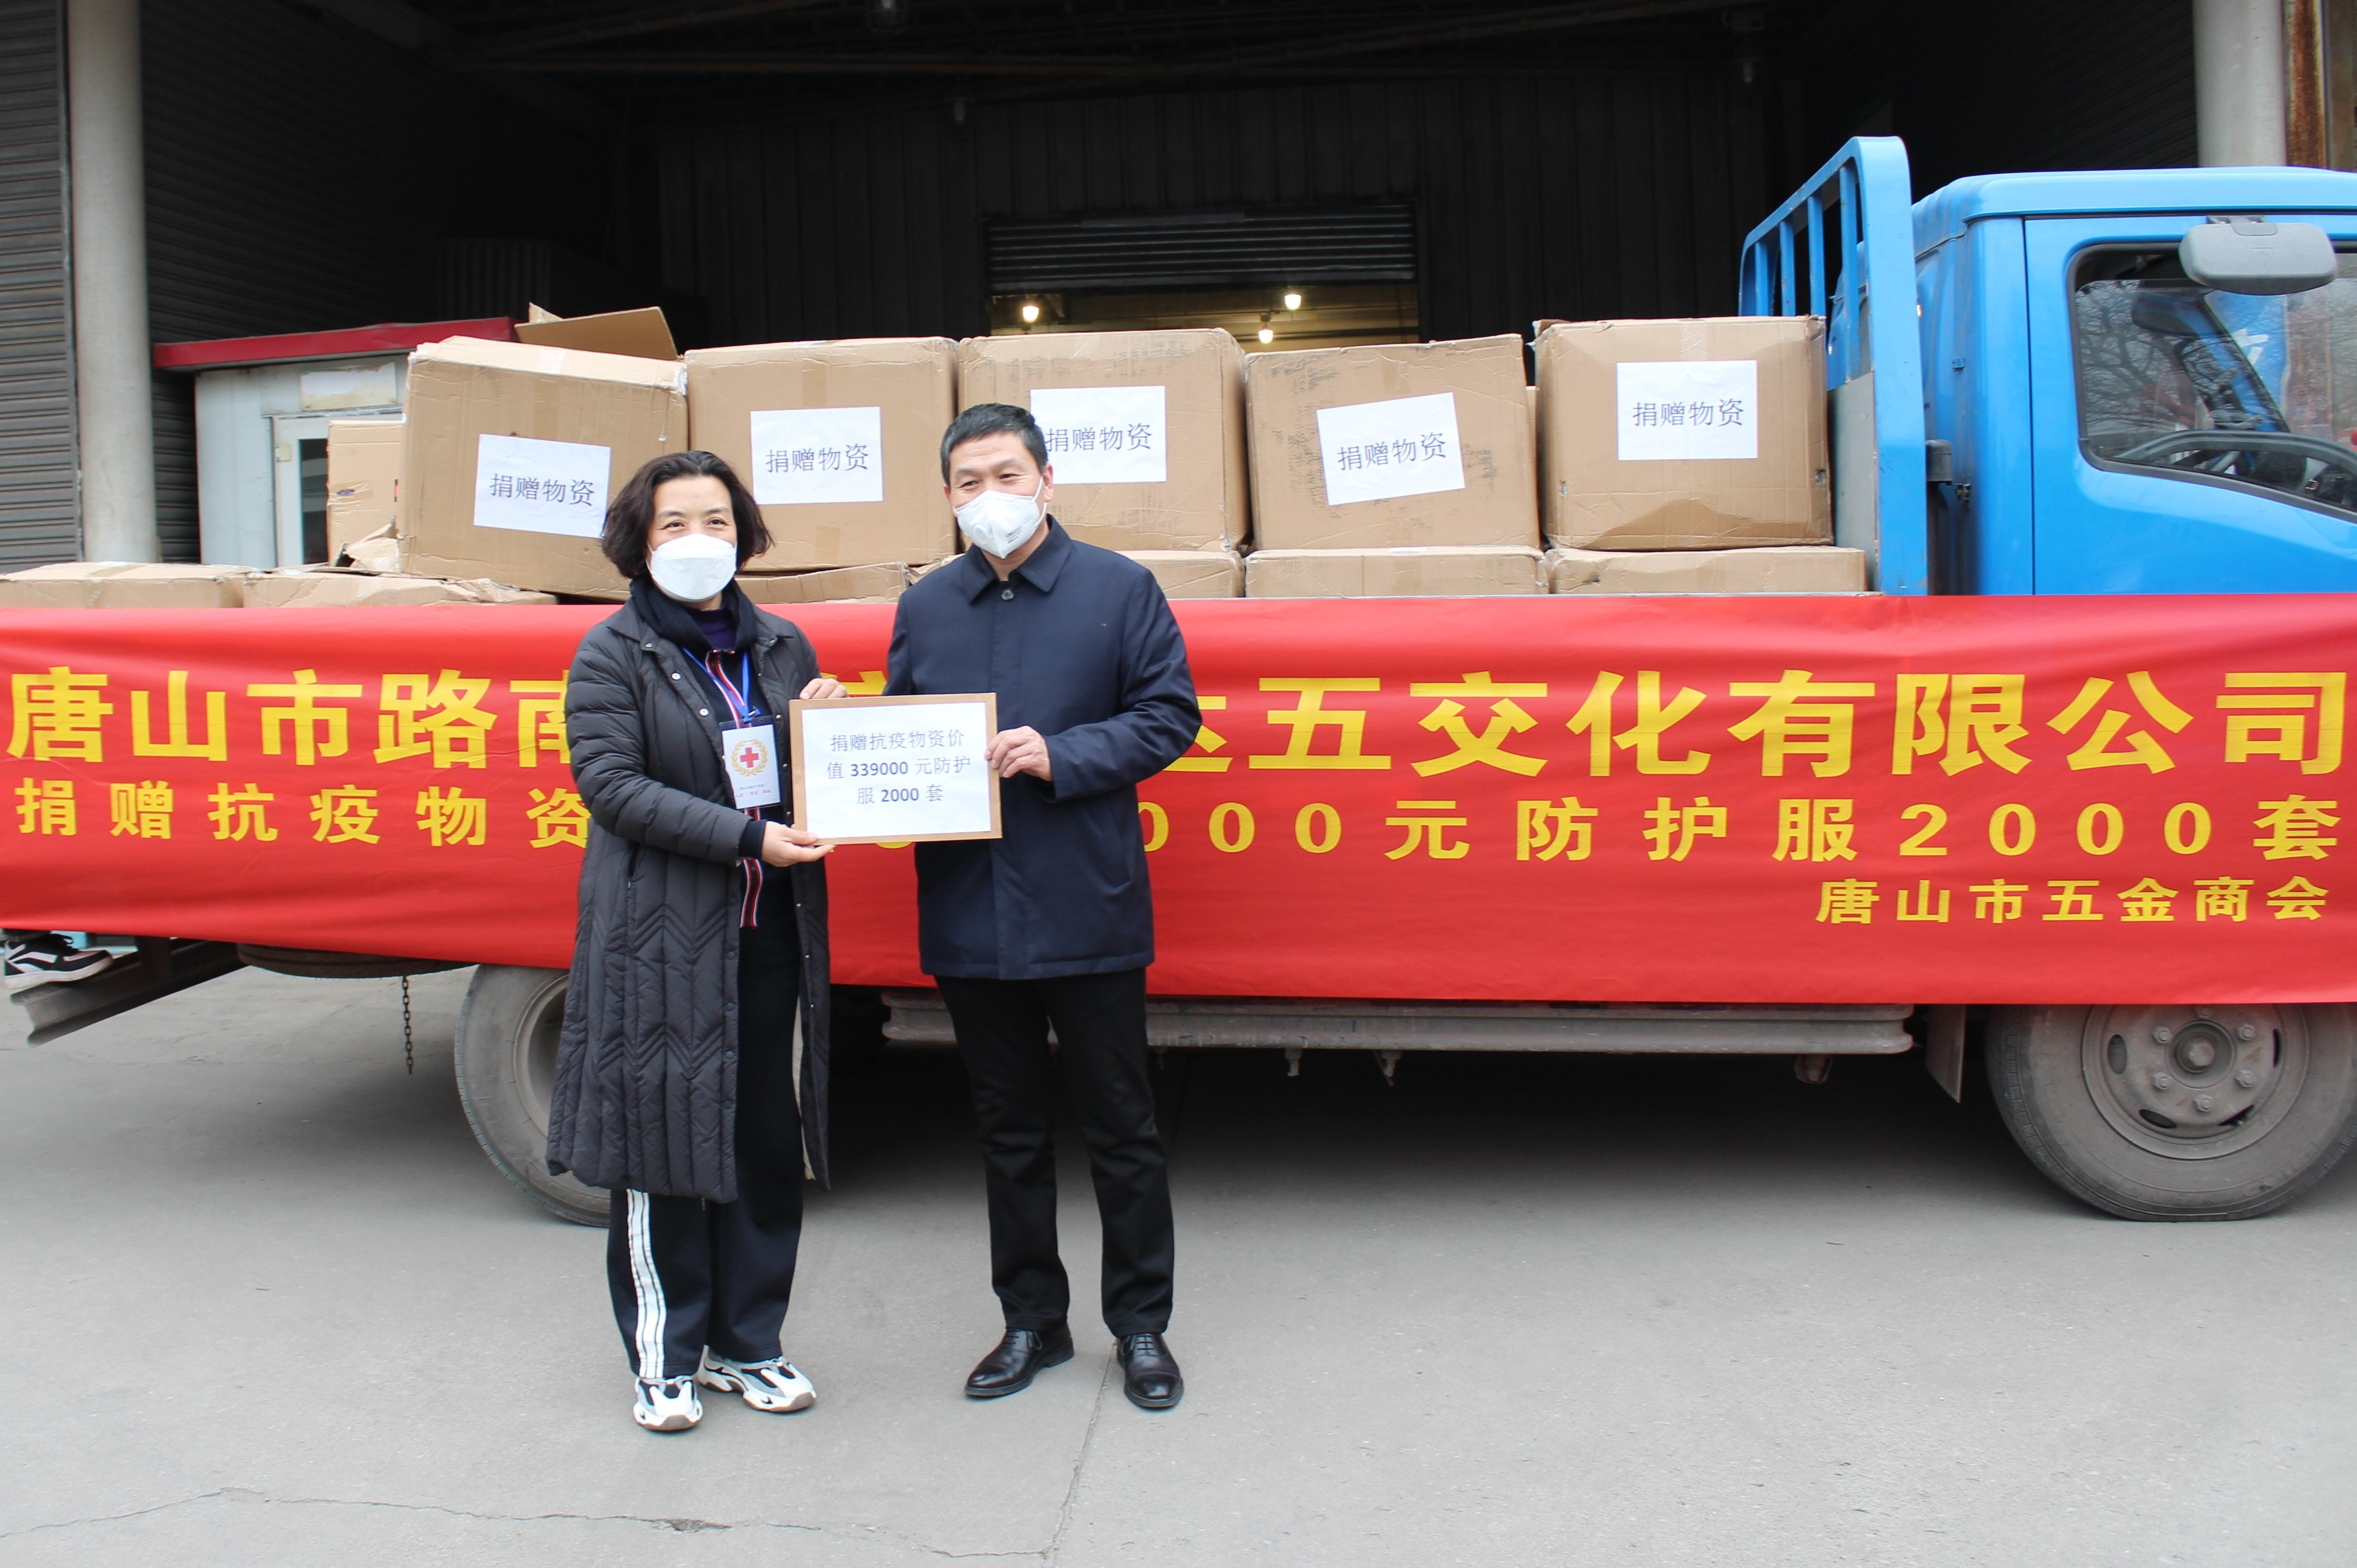 唐山信譽達五交化有限公司捐贈價值33.9萬元防護服